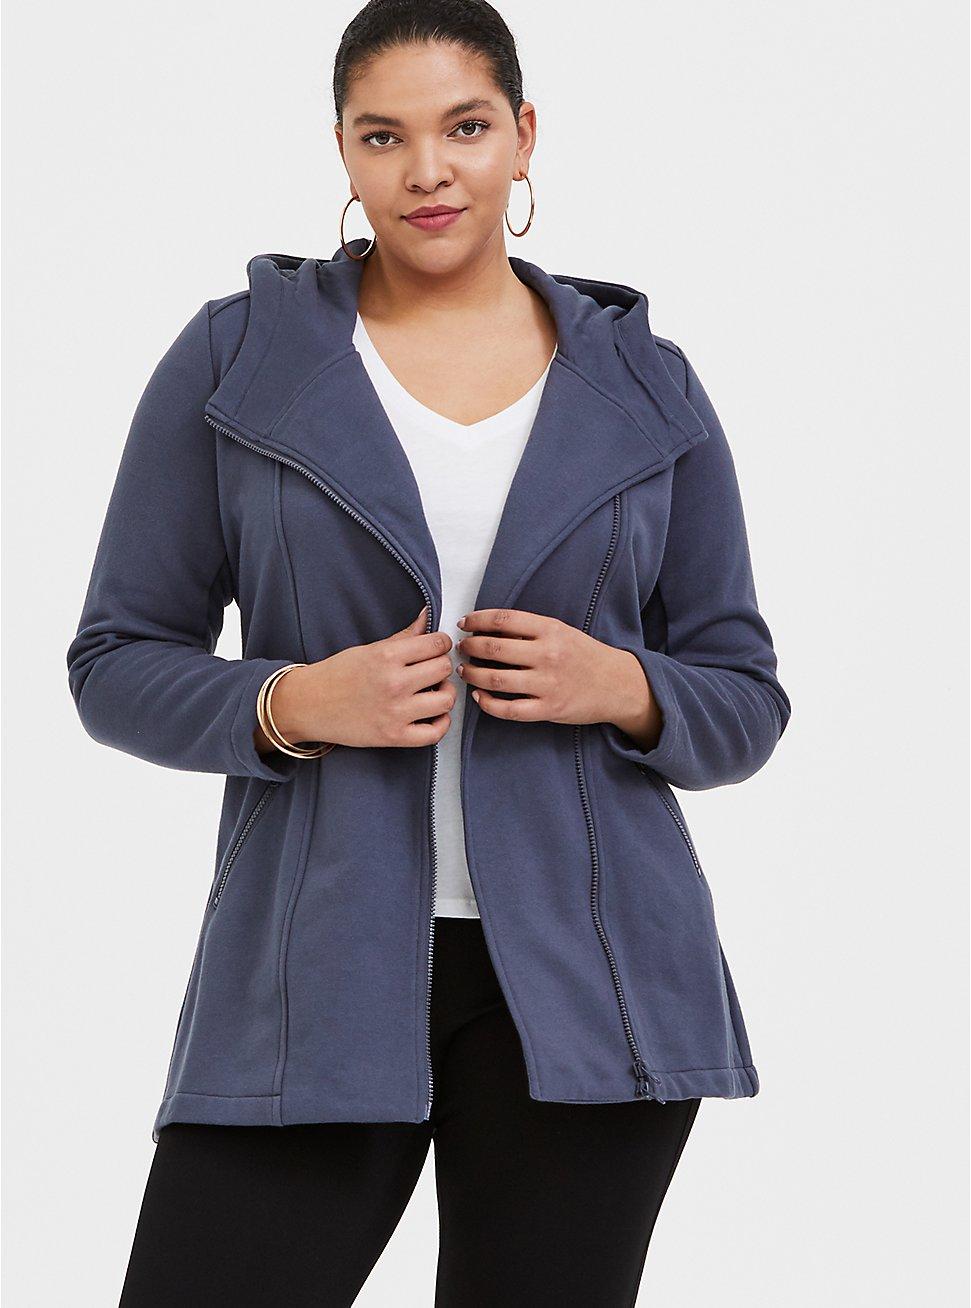 Slate Grey Fleece Jacket 4